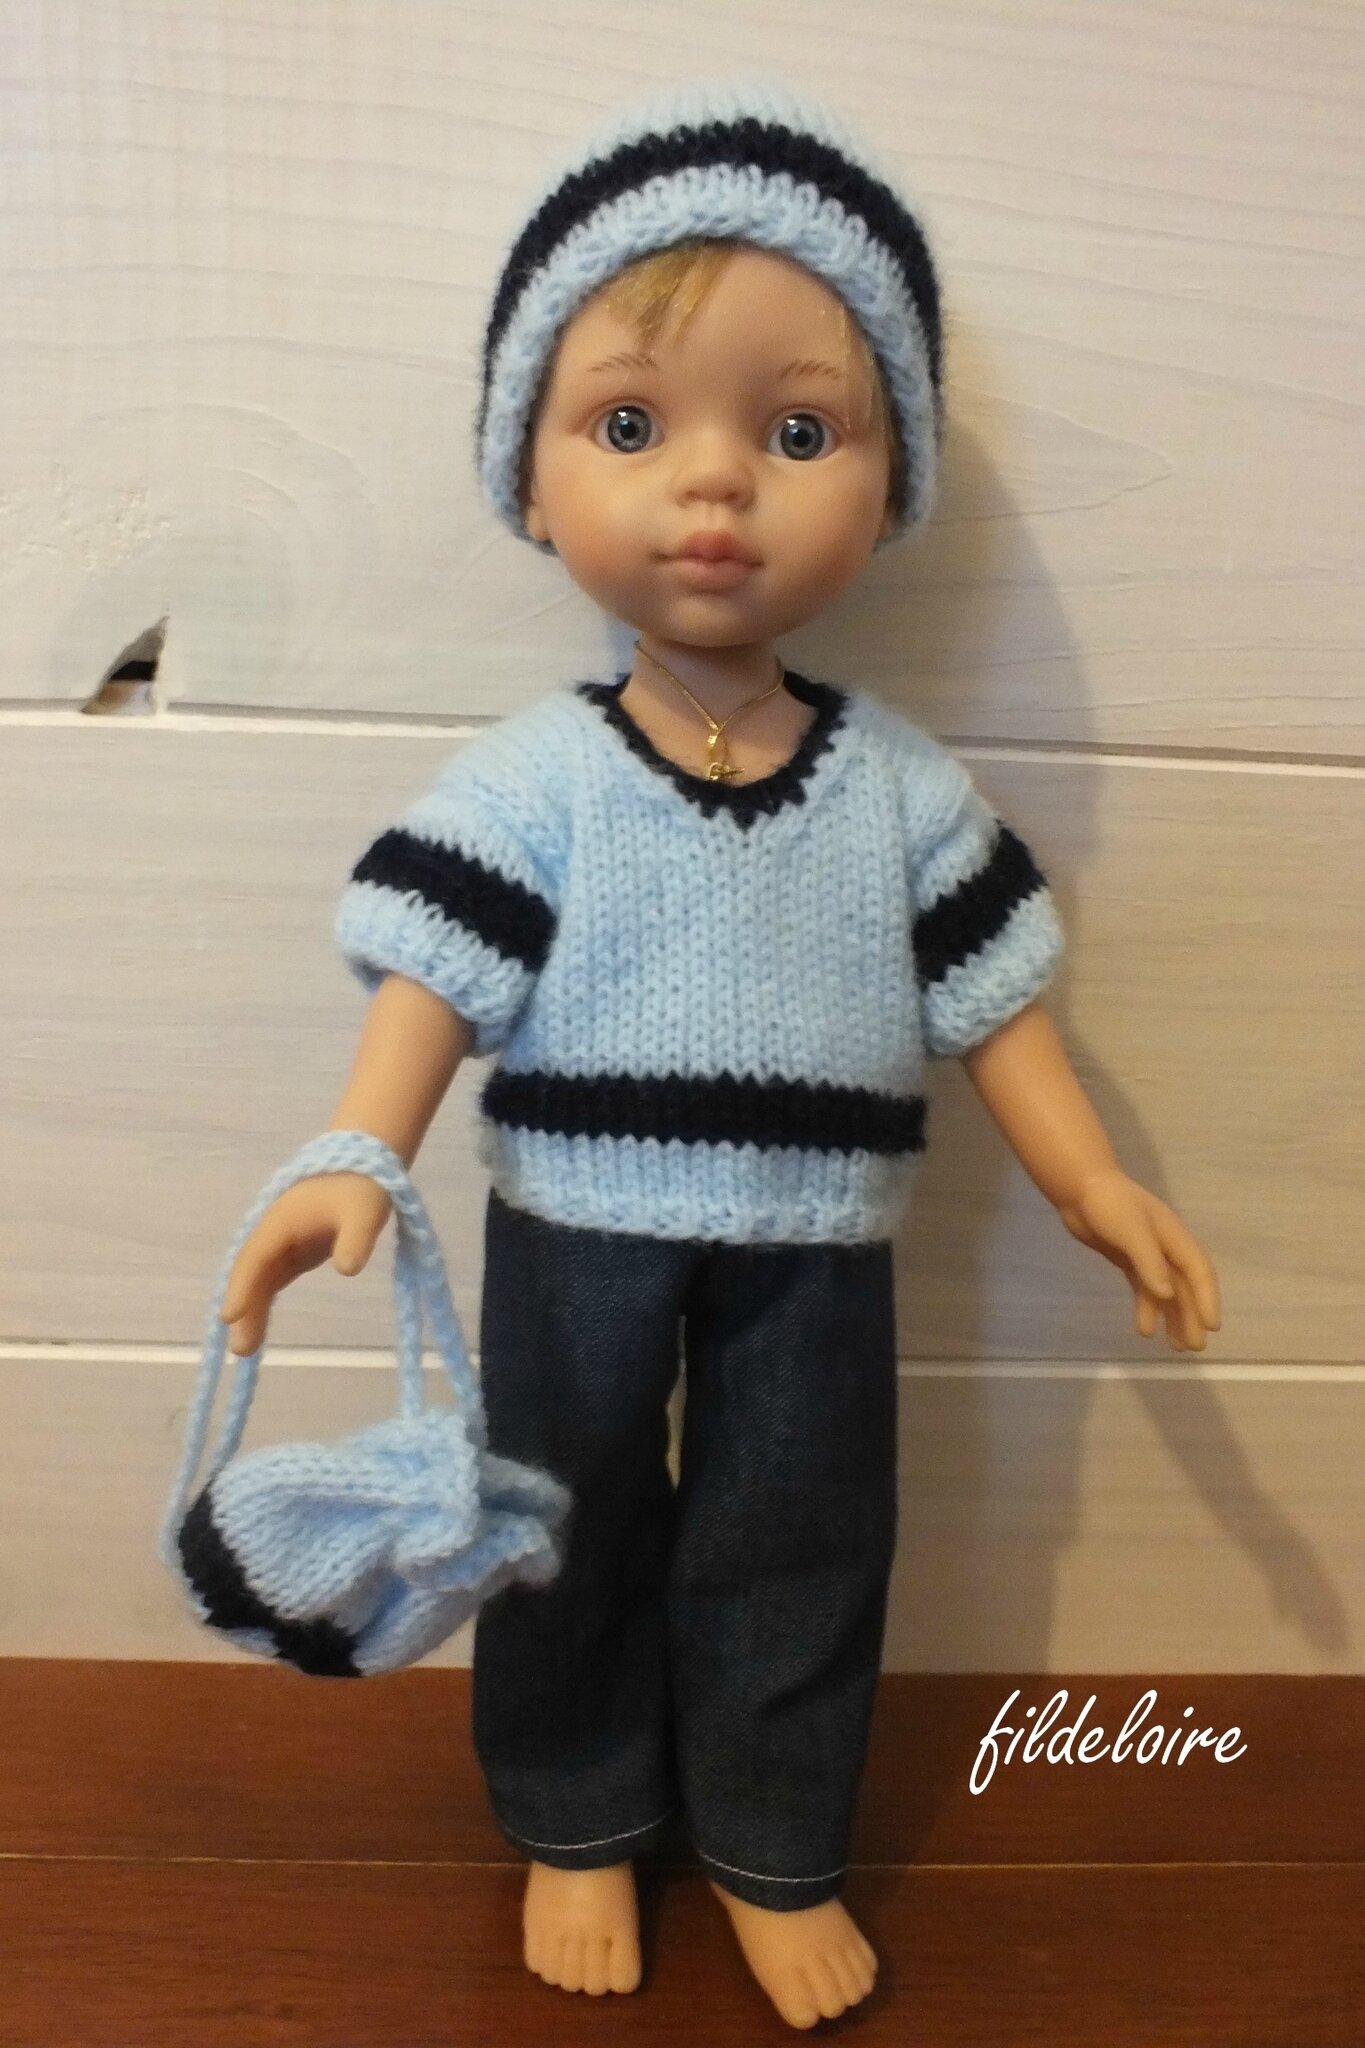 boutons 3 dos pantalon par bonnet VENDU sac dans des tricoté ensemble garçon élastique et tricoté pour pull baluchon taille fermé le marin rSzrqg